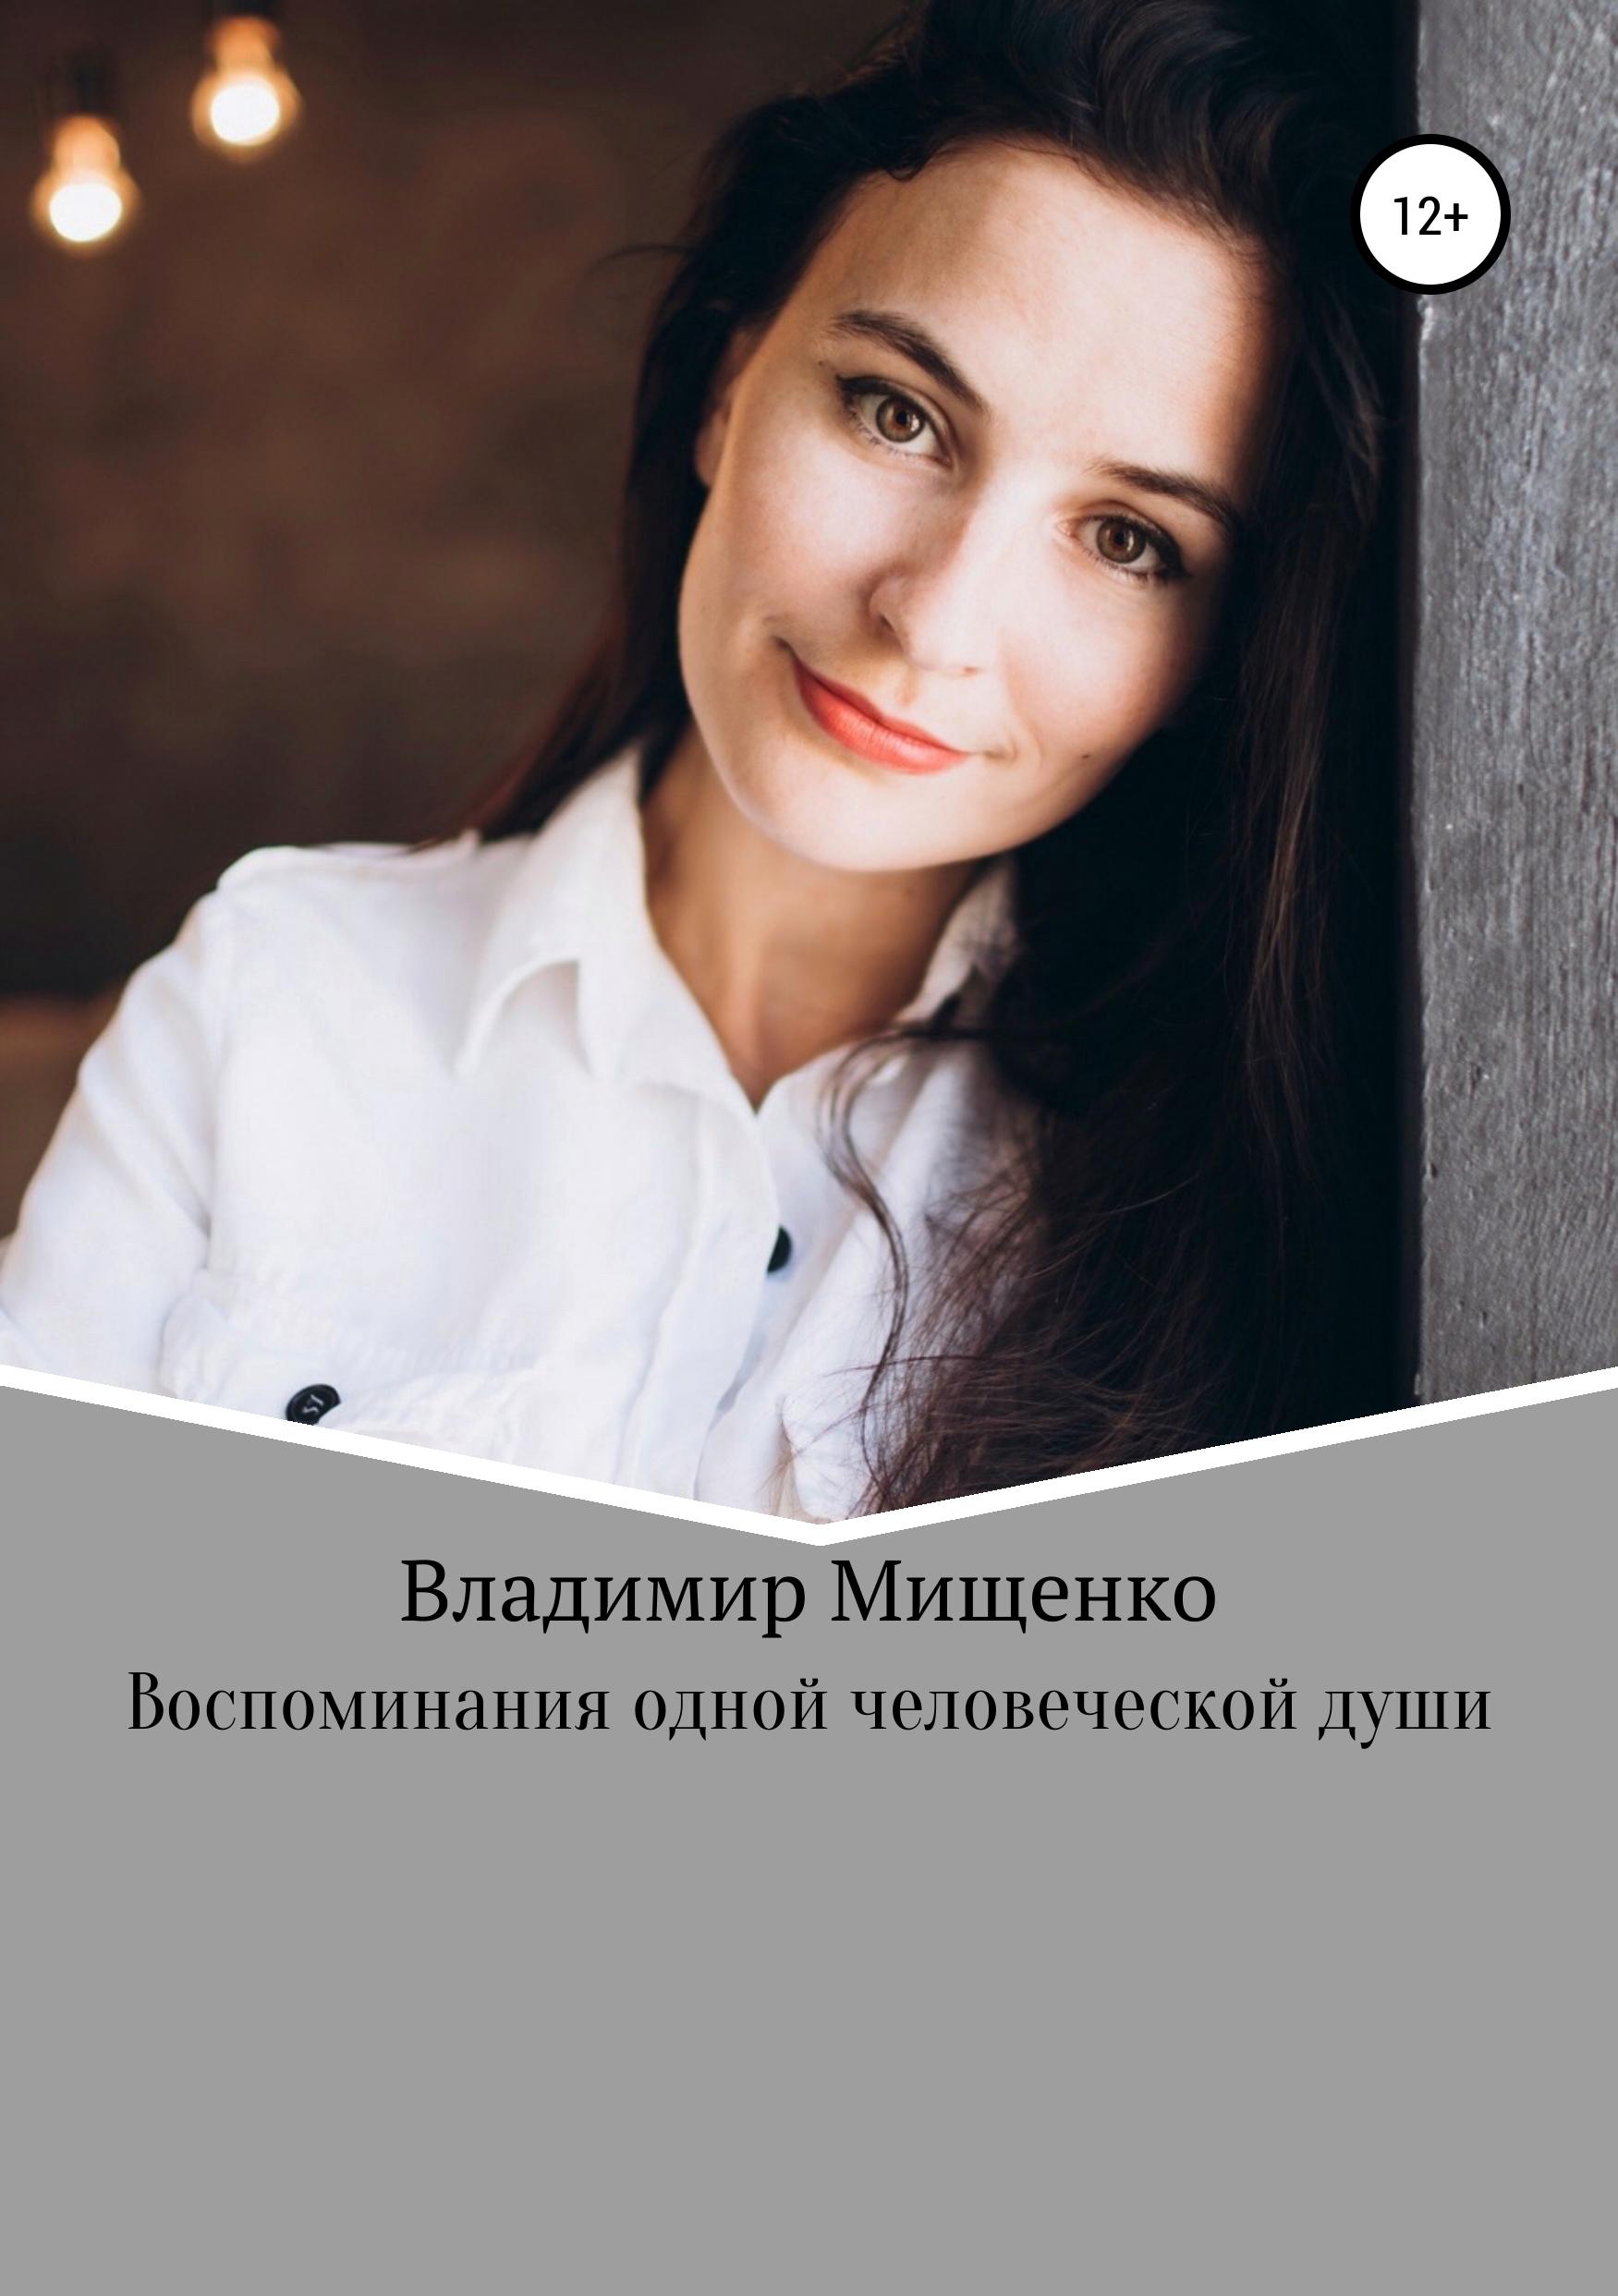 владимир мищенко Воспоминания одной человеческой души вадим каргалов русь и кочевники